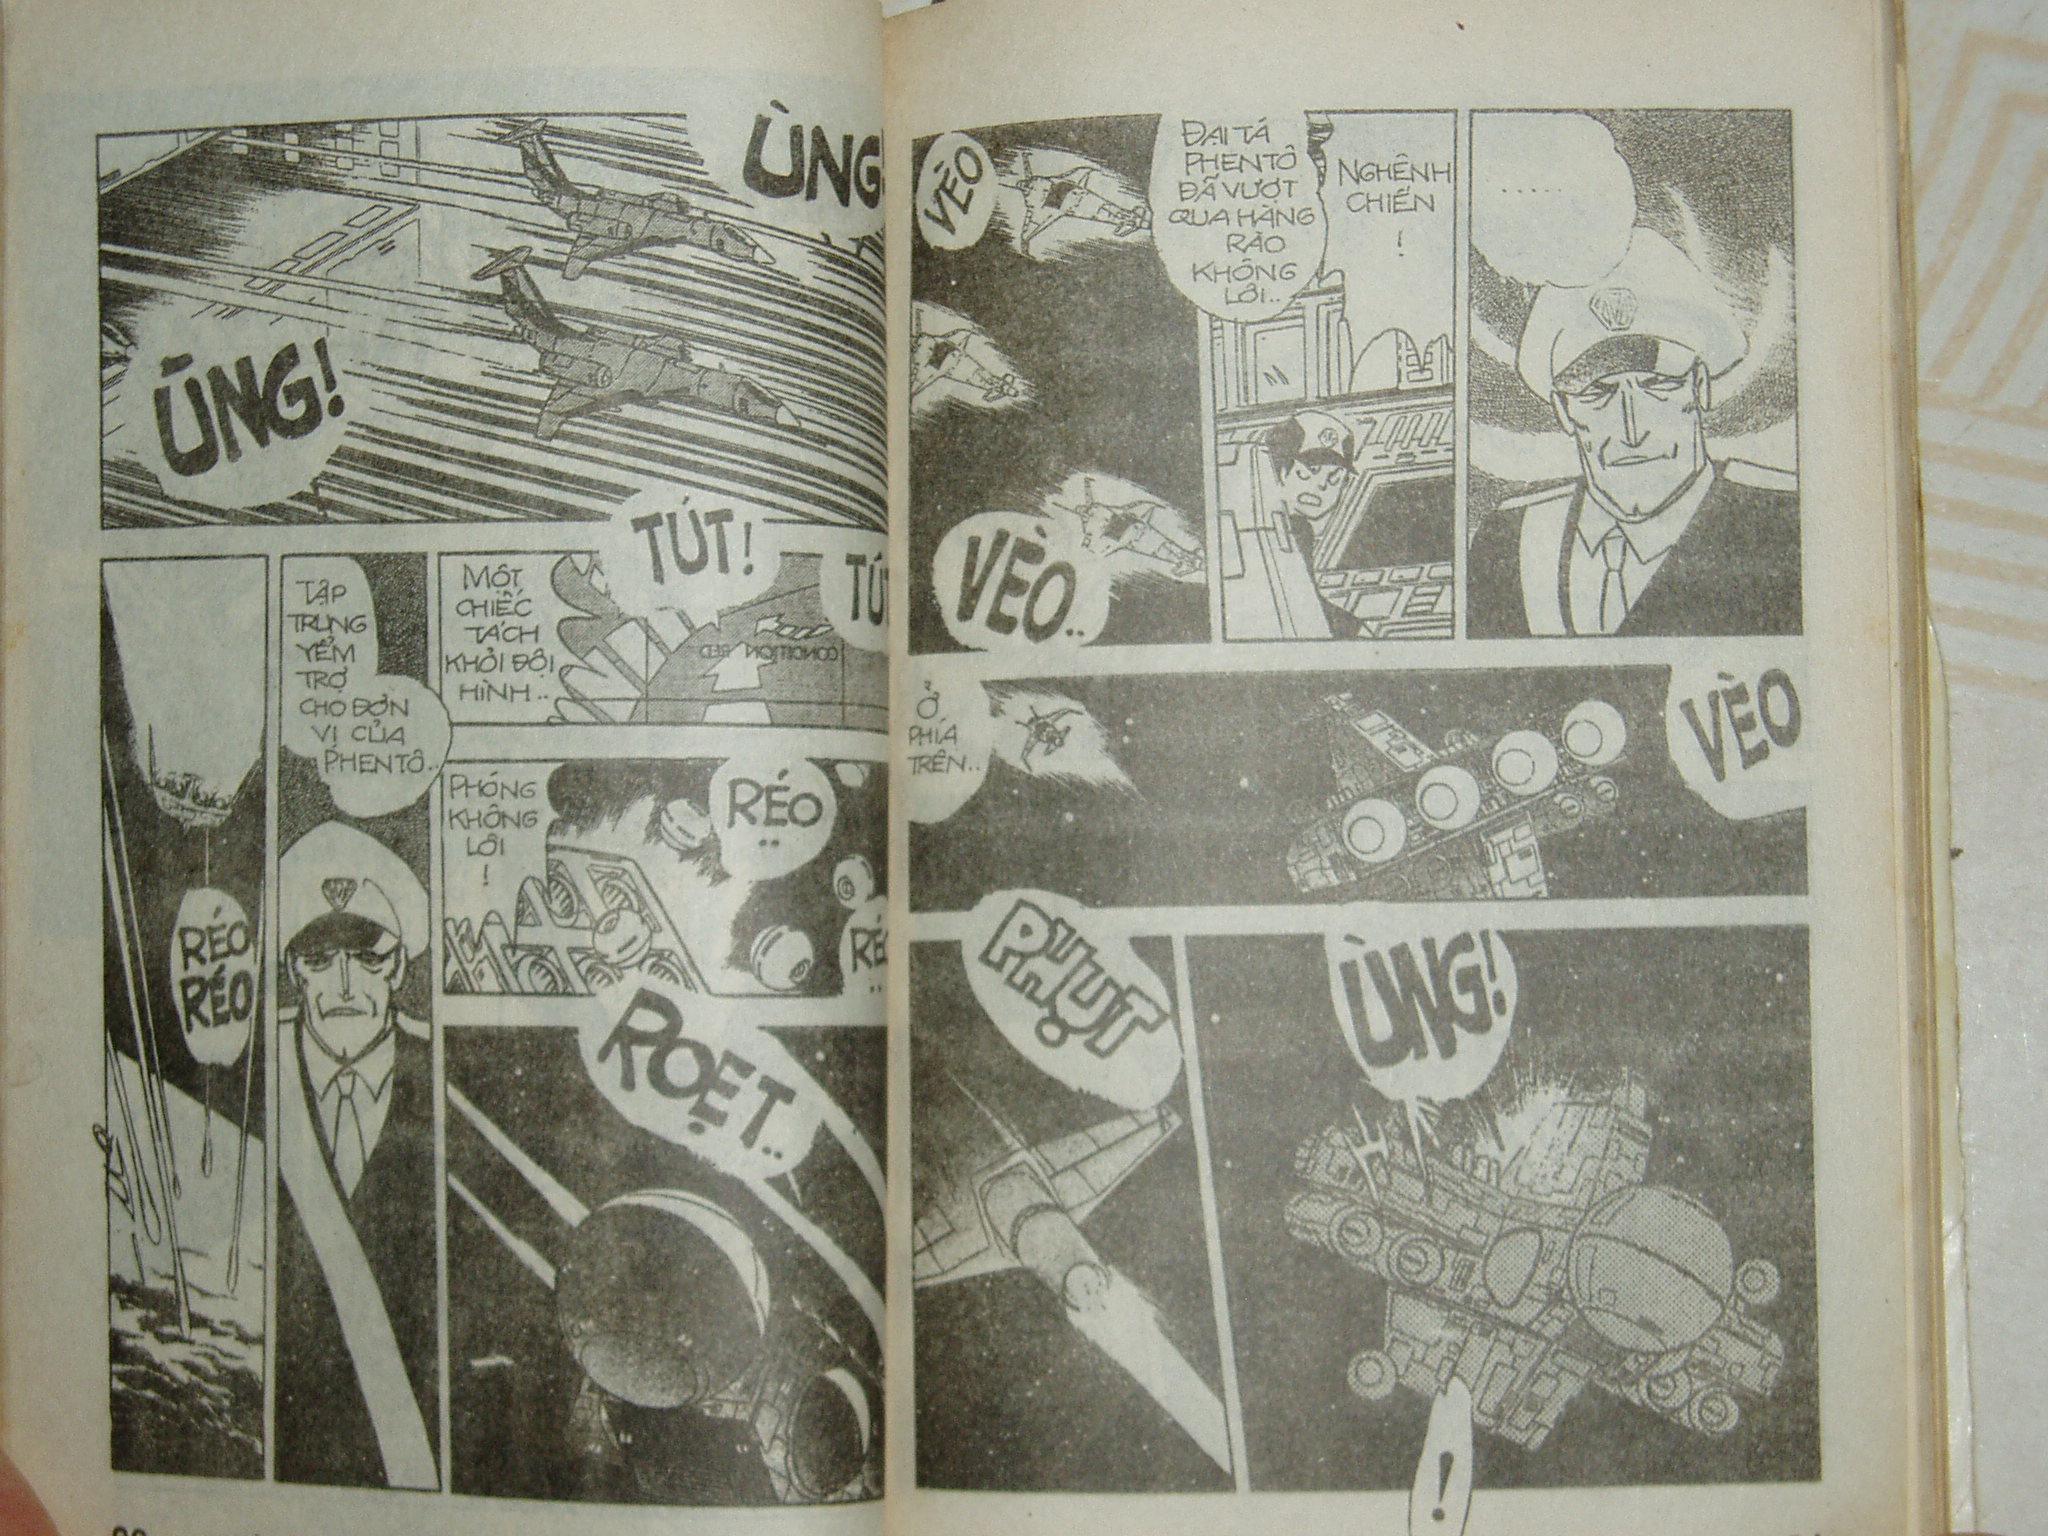 Siêu nhân Locke vol 13 trang 43